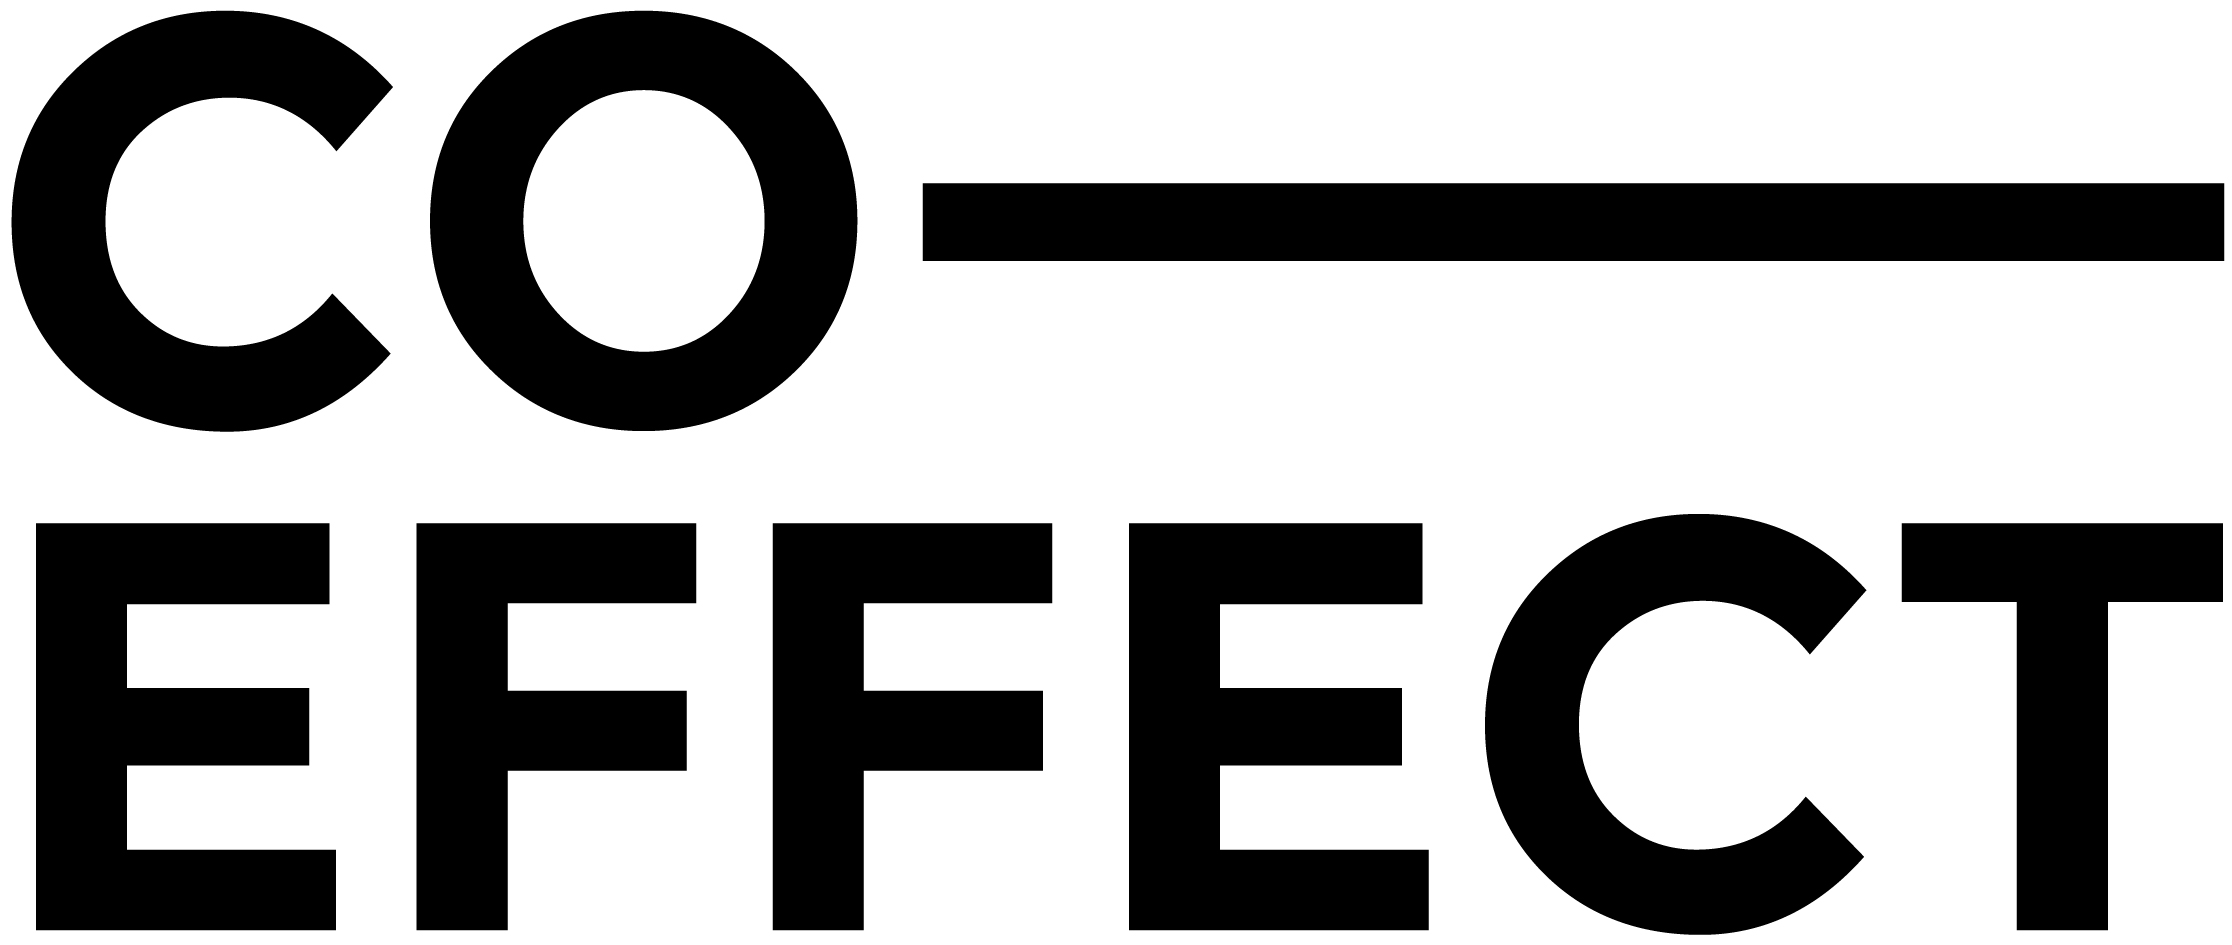 Co-Effect (logo)